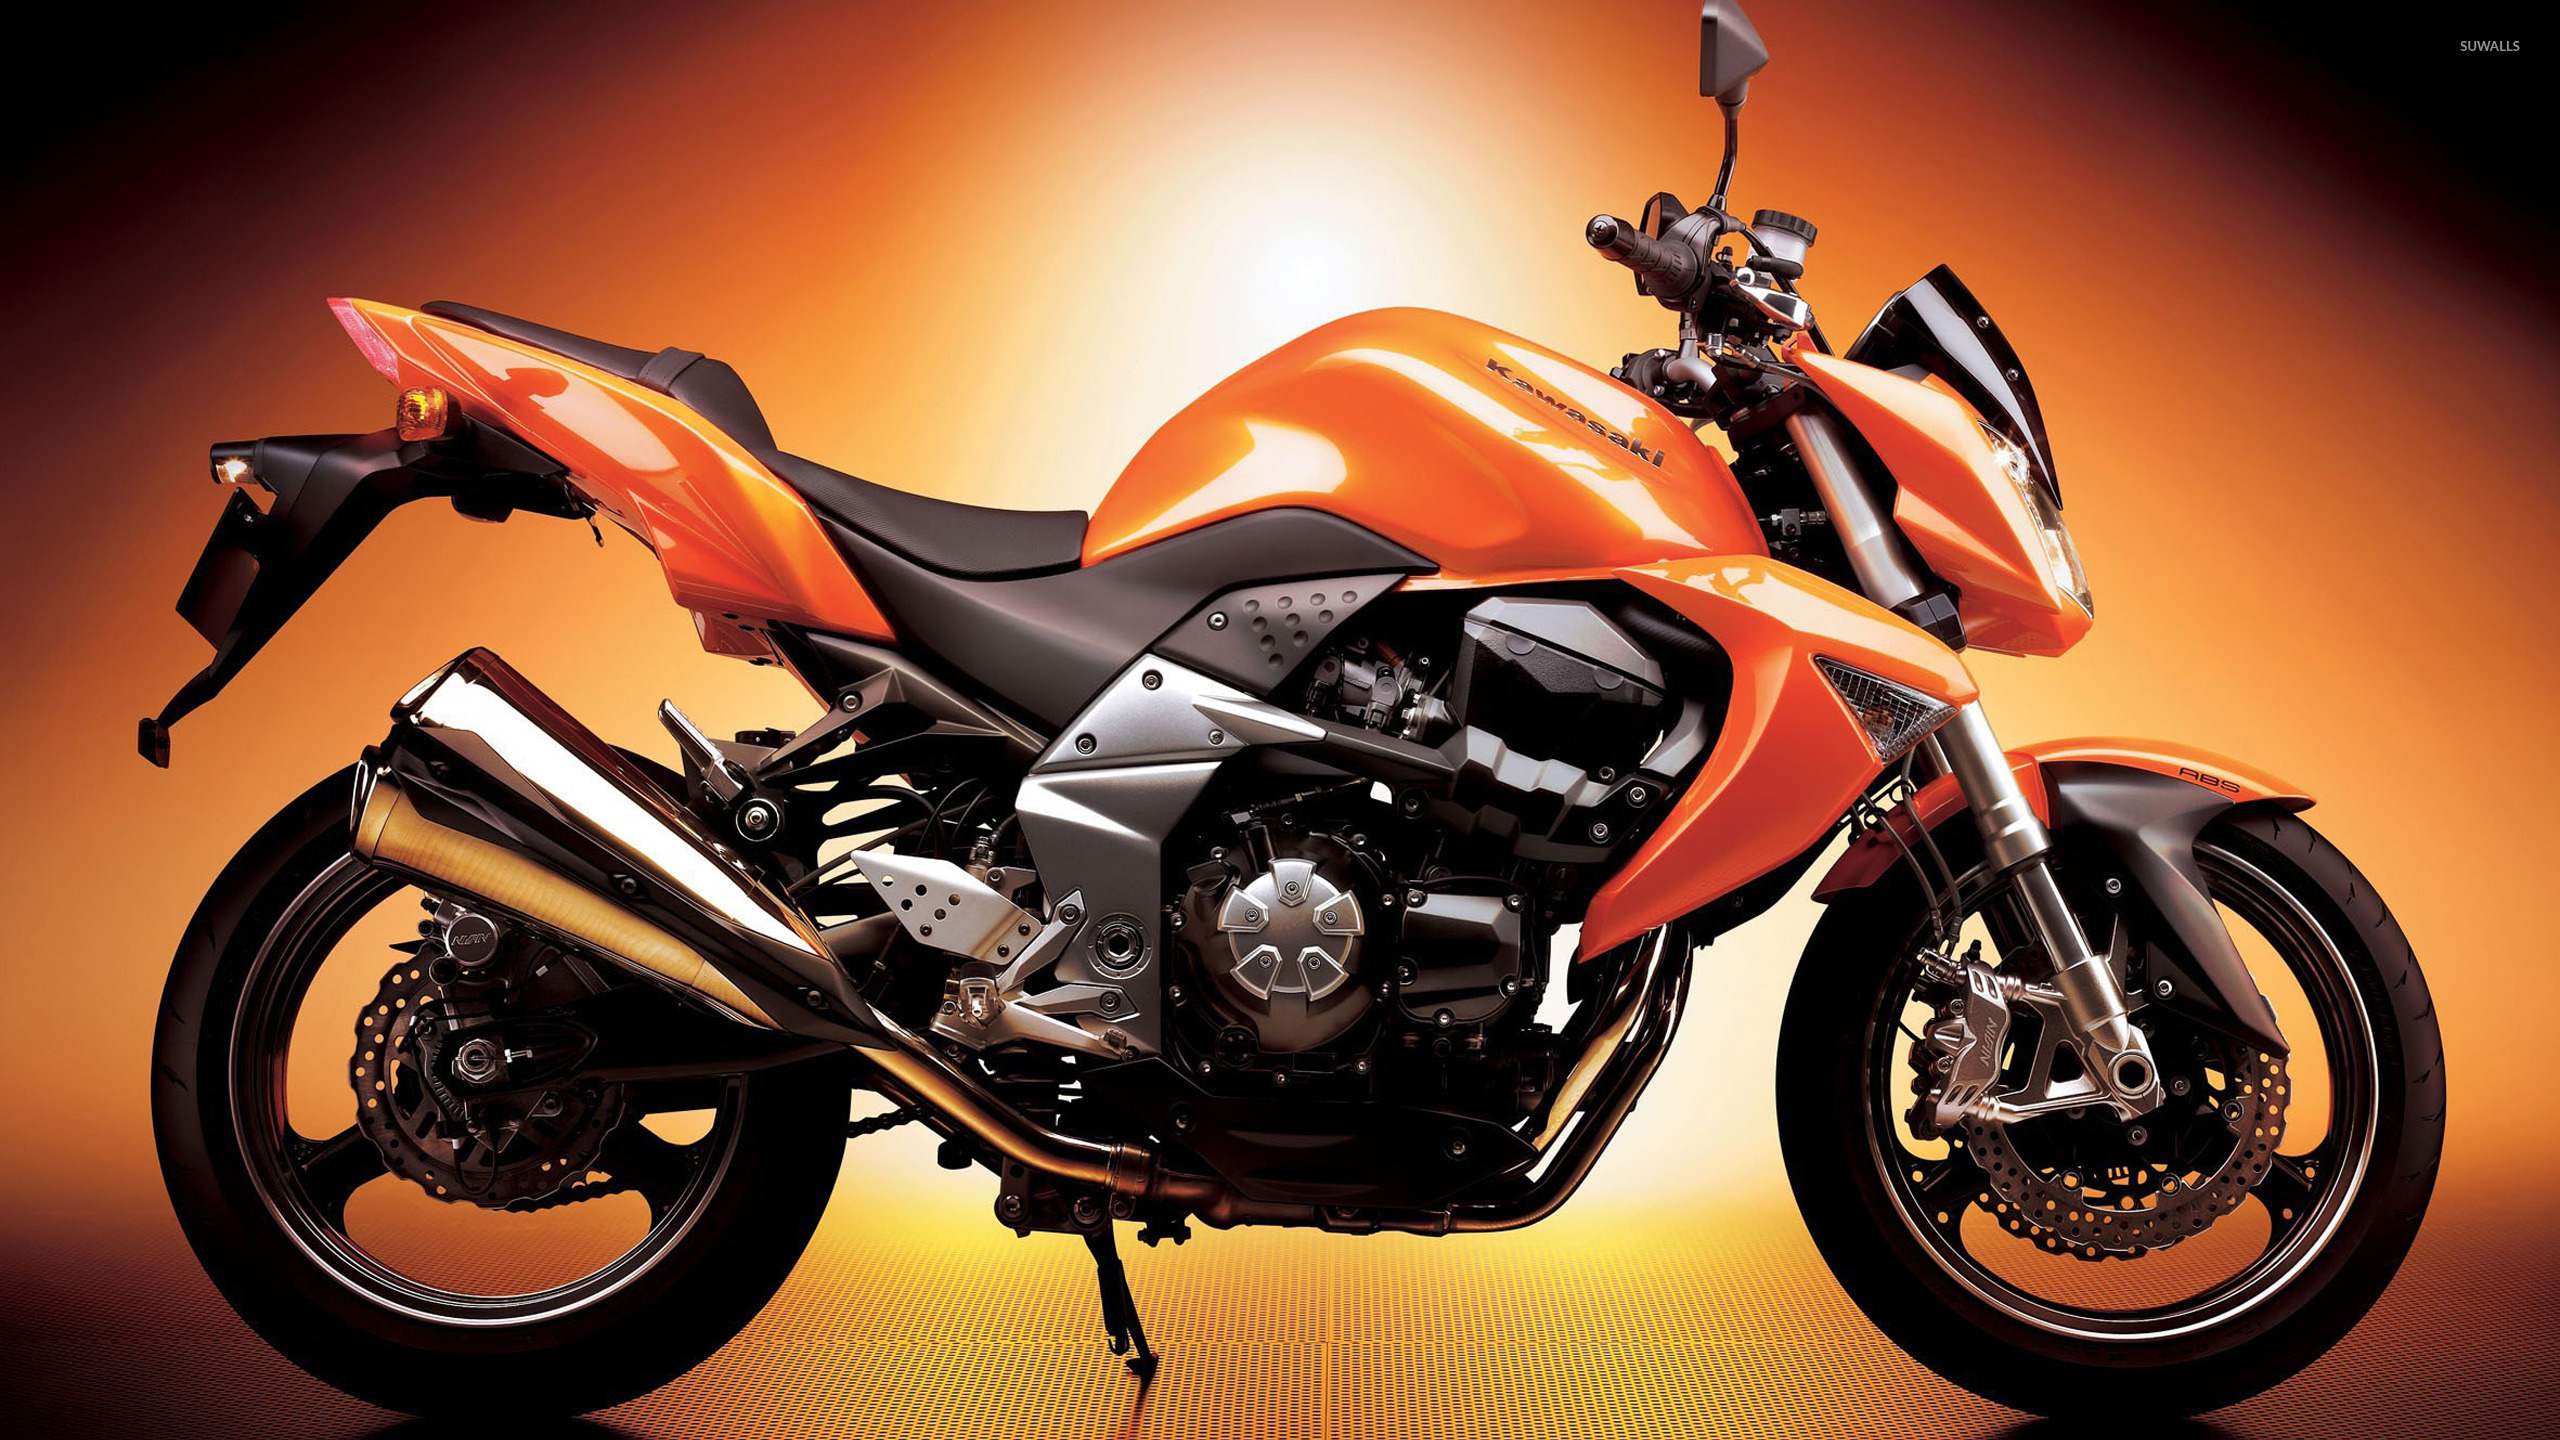 Kawasaki Z1000 Wallpaper Motorcycle Wallpapers 11347